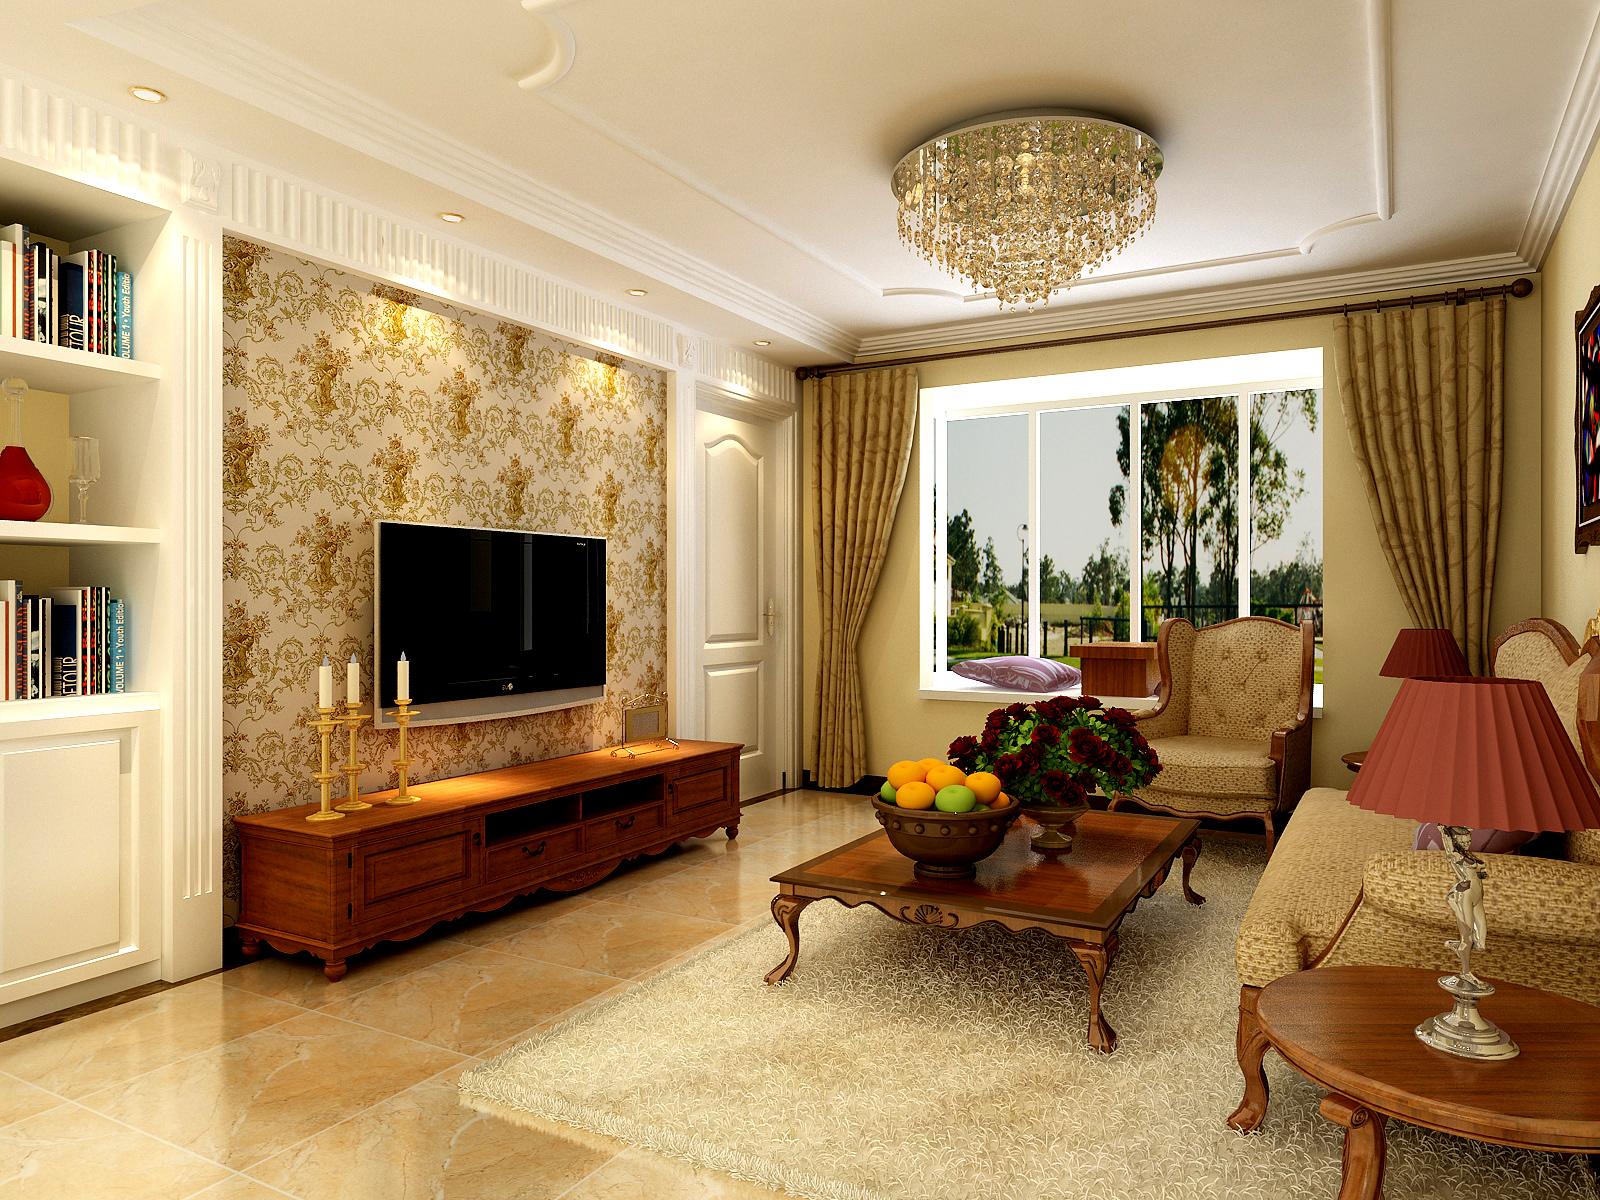 此方案是以简欧风格为主题。简欧是欧式风格的一种,以白色为主色调,浅色为主深色为辅。相比较浓重的欧式风格更加清新而精致。整体营造出典雅、自然、高贵的气质。 家具的选择,与硬装修上细节应该是相称的,选择深色、带有西方复古图案以及非常西化的造型家具,与大的氛围和基调相和谐。